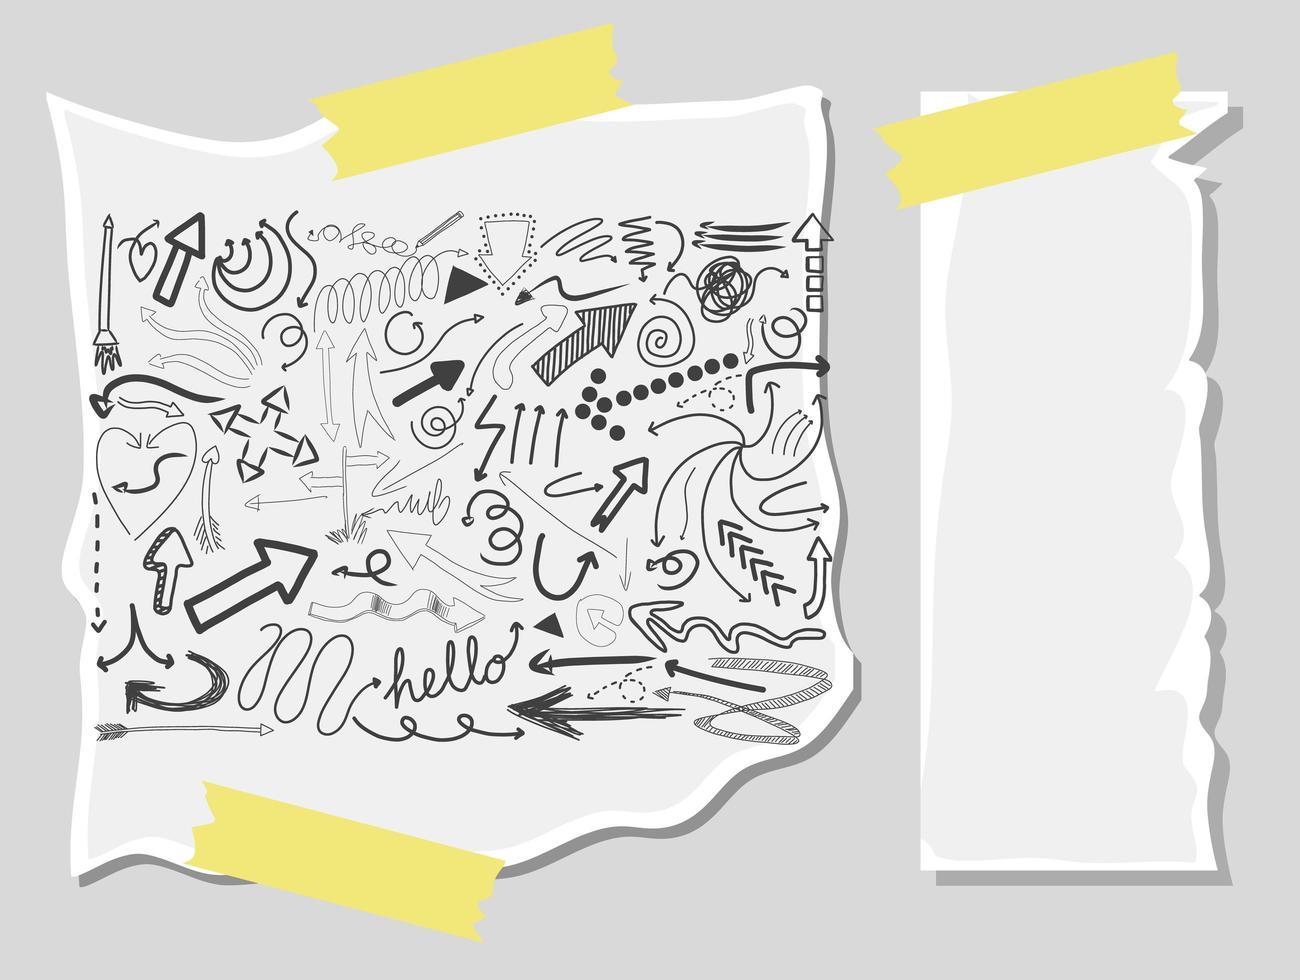 diversi tratti di doodle su una carta con carta bianca vettore